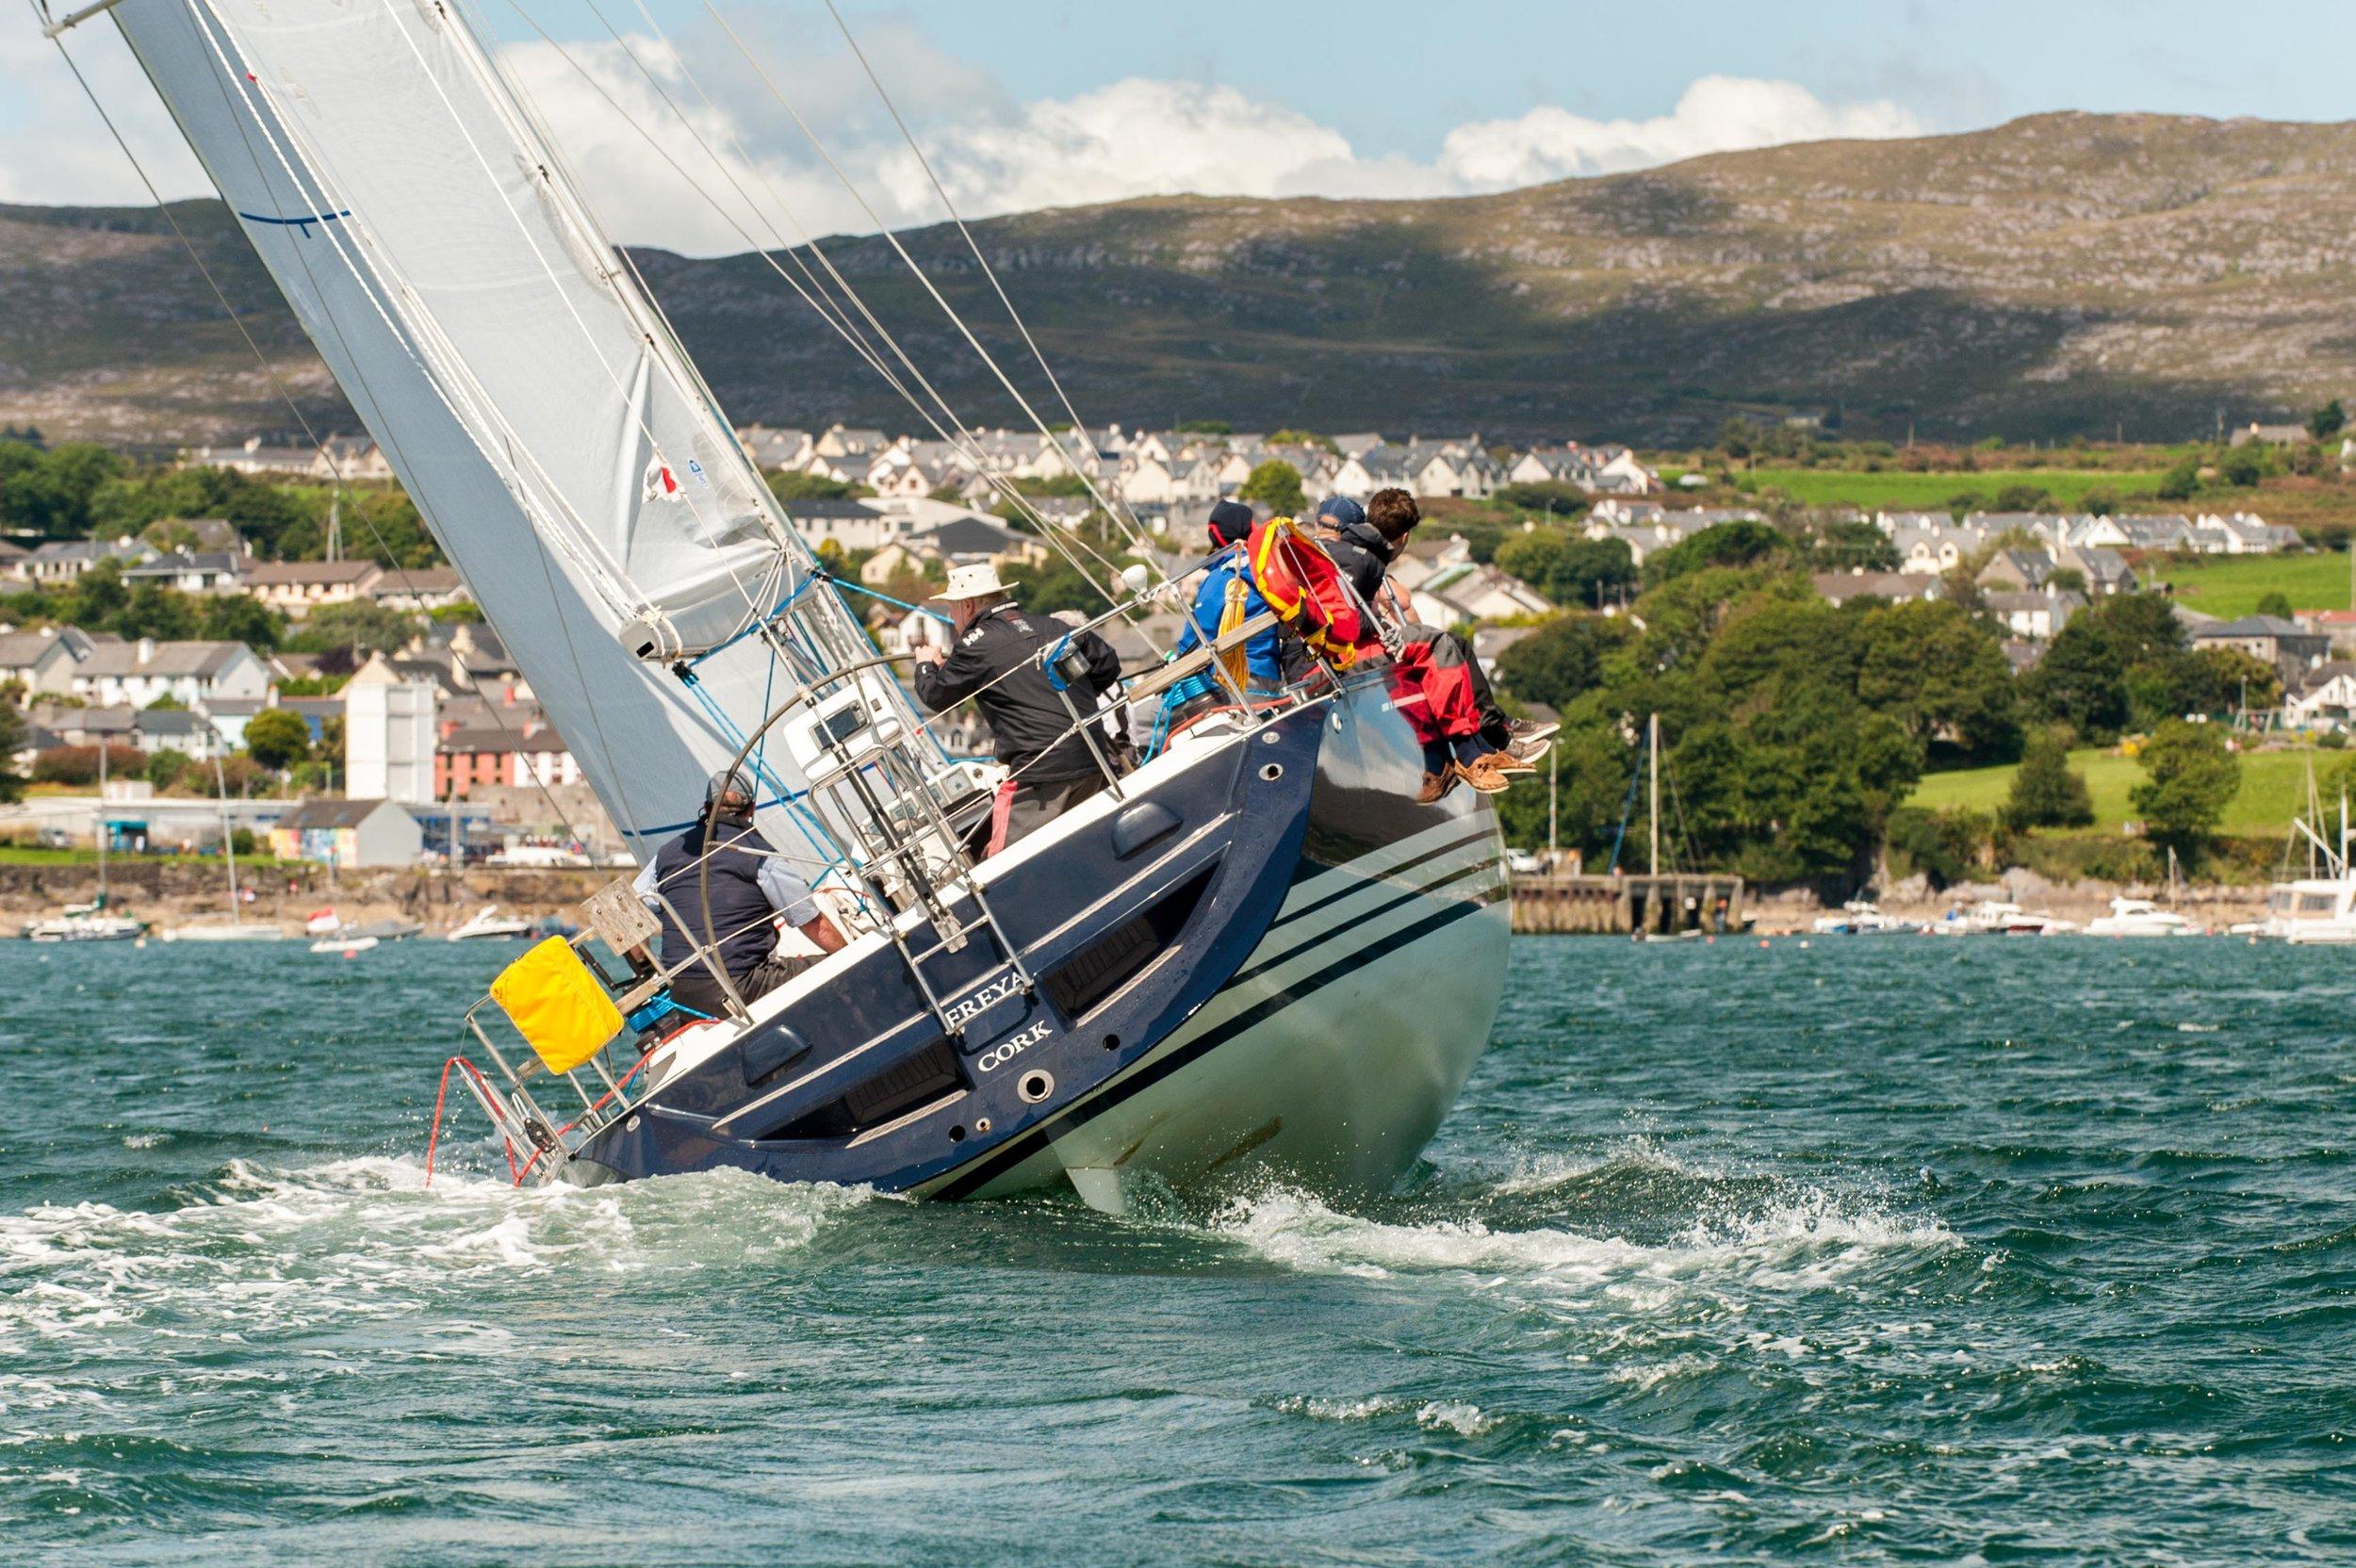 Sailing yacht 'Freya' in action during Calves Week 2017.